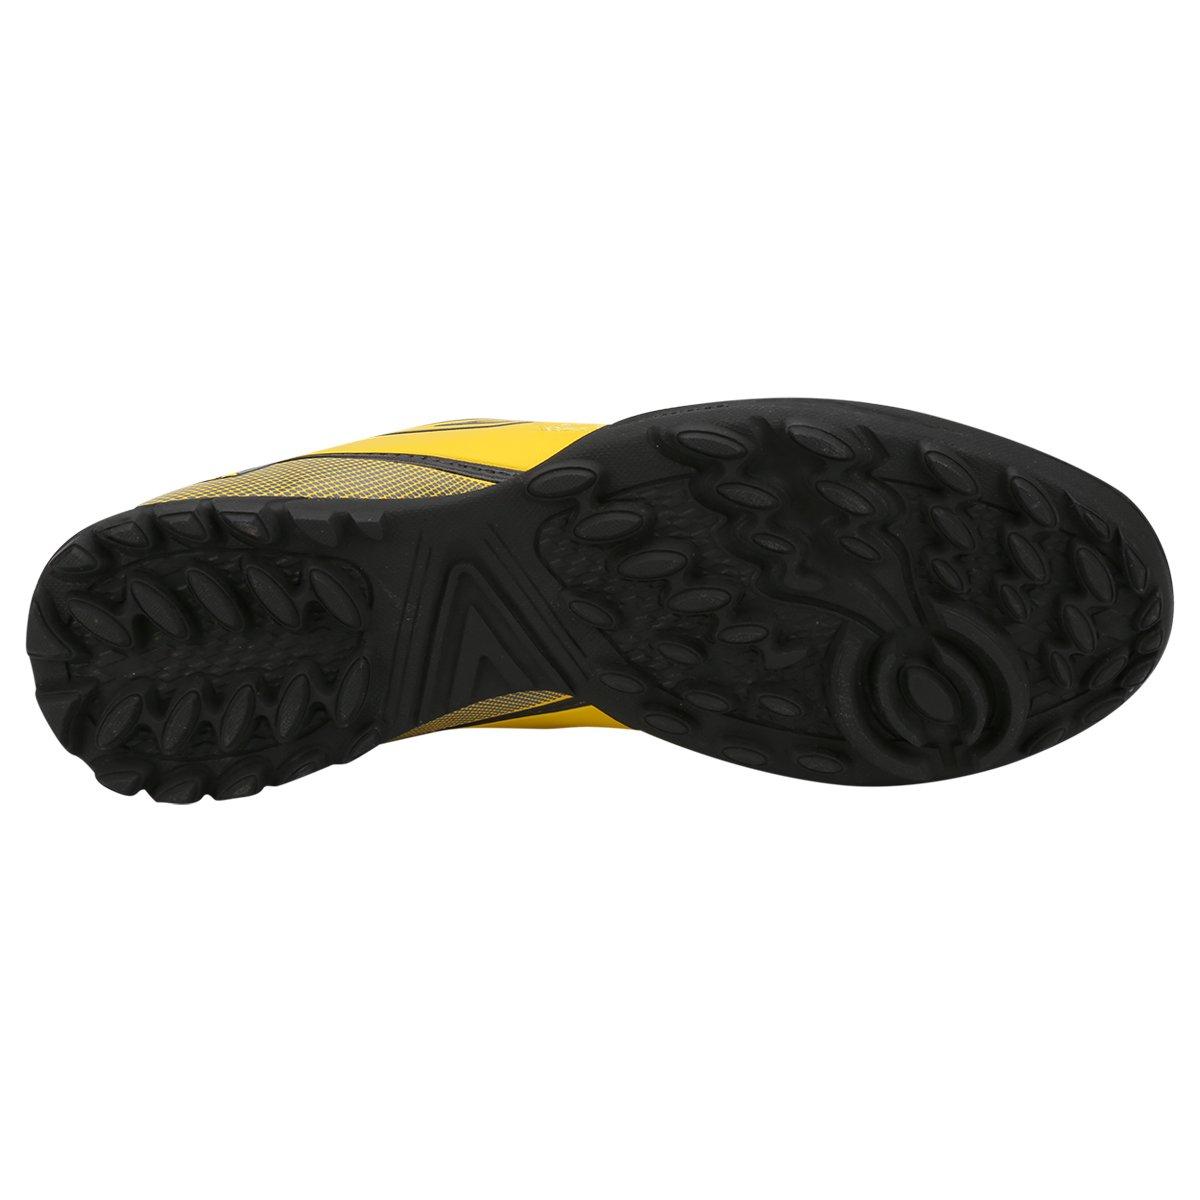 Chuteira Society Umbro Attak 2 - Amarelo e Preto - Compre Agora ... 0ccd3df582028